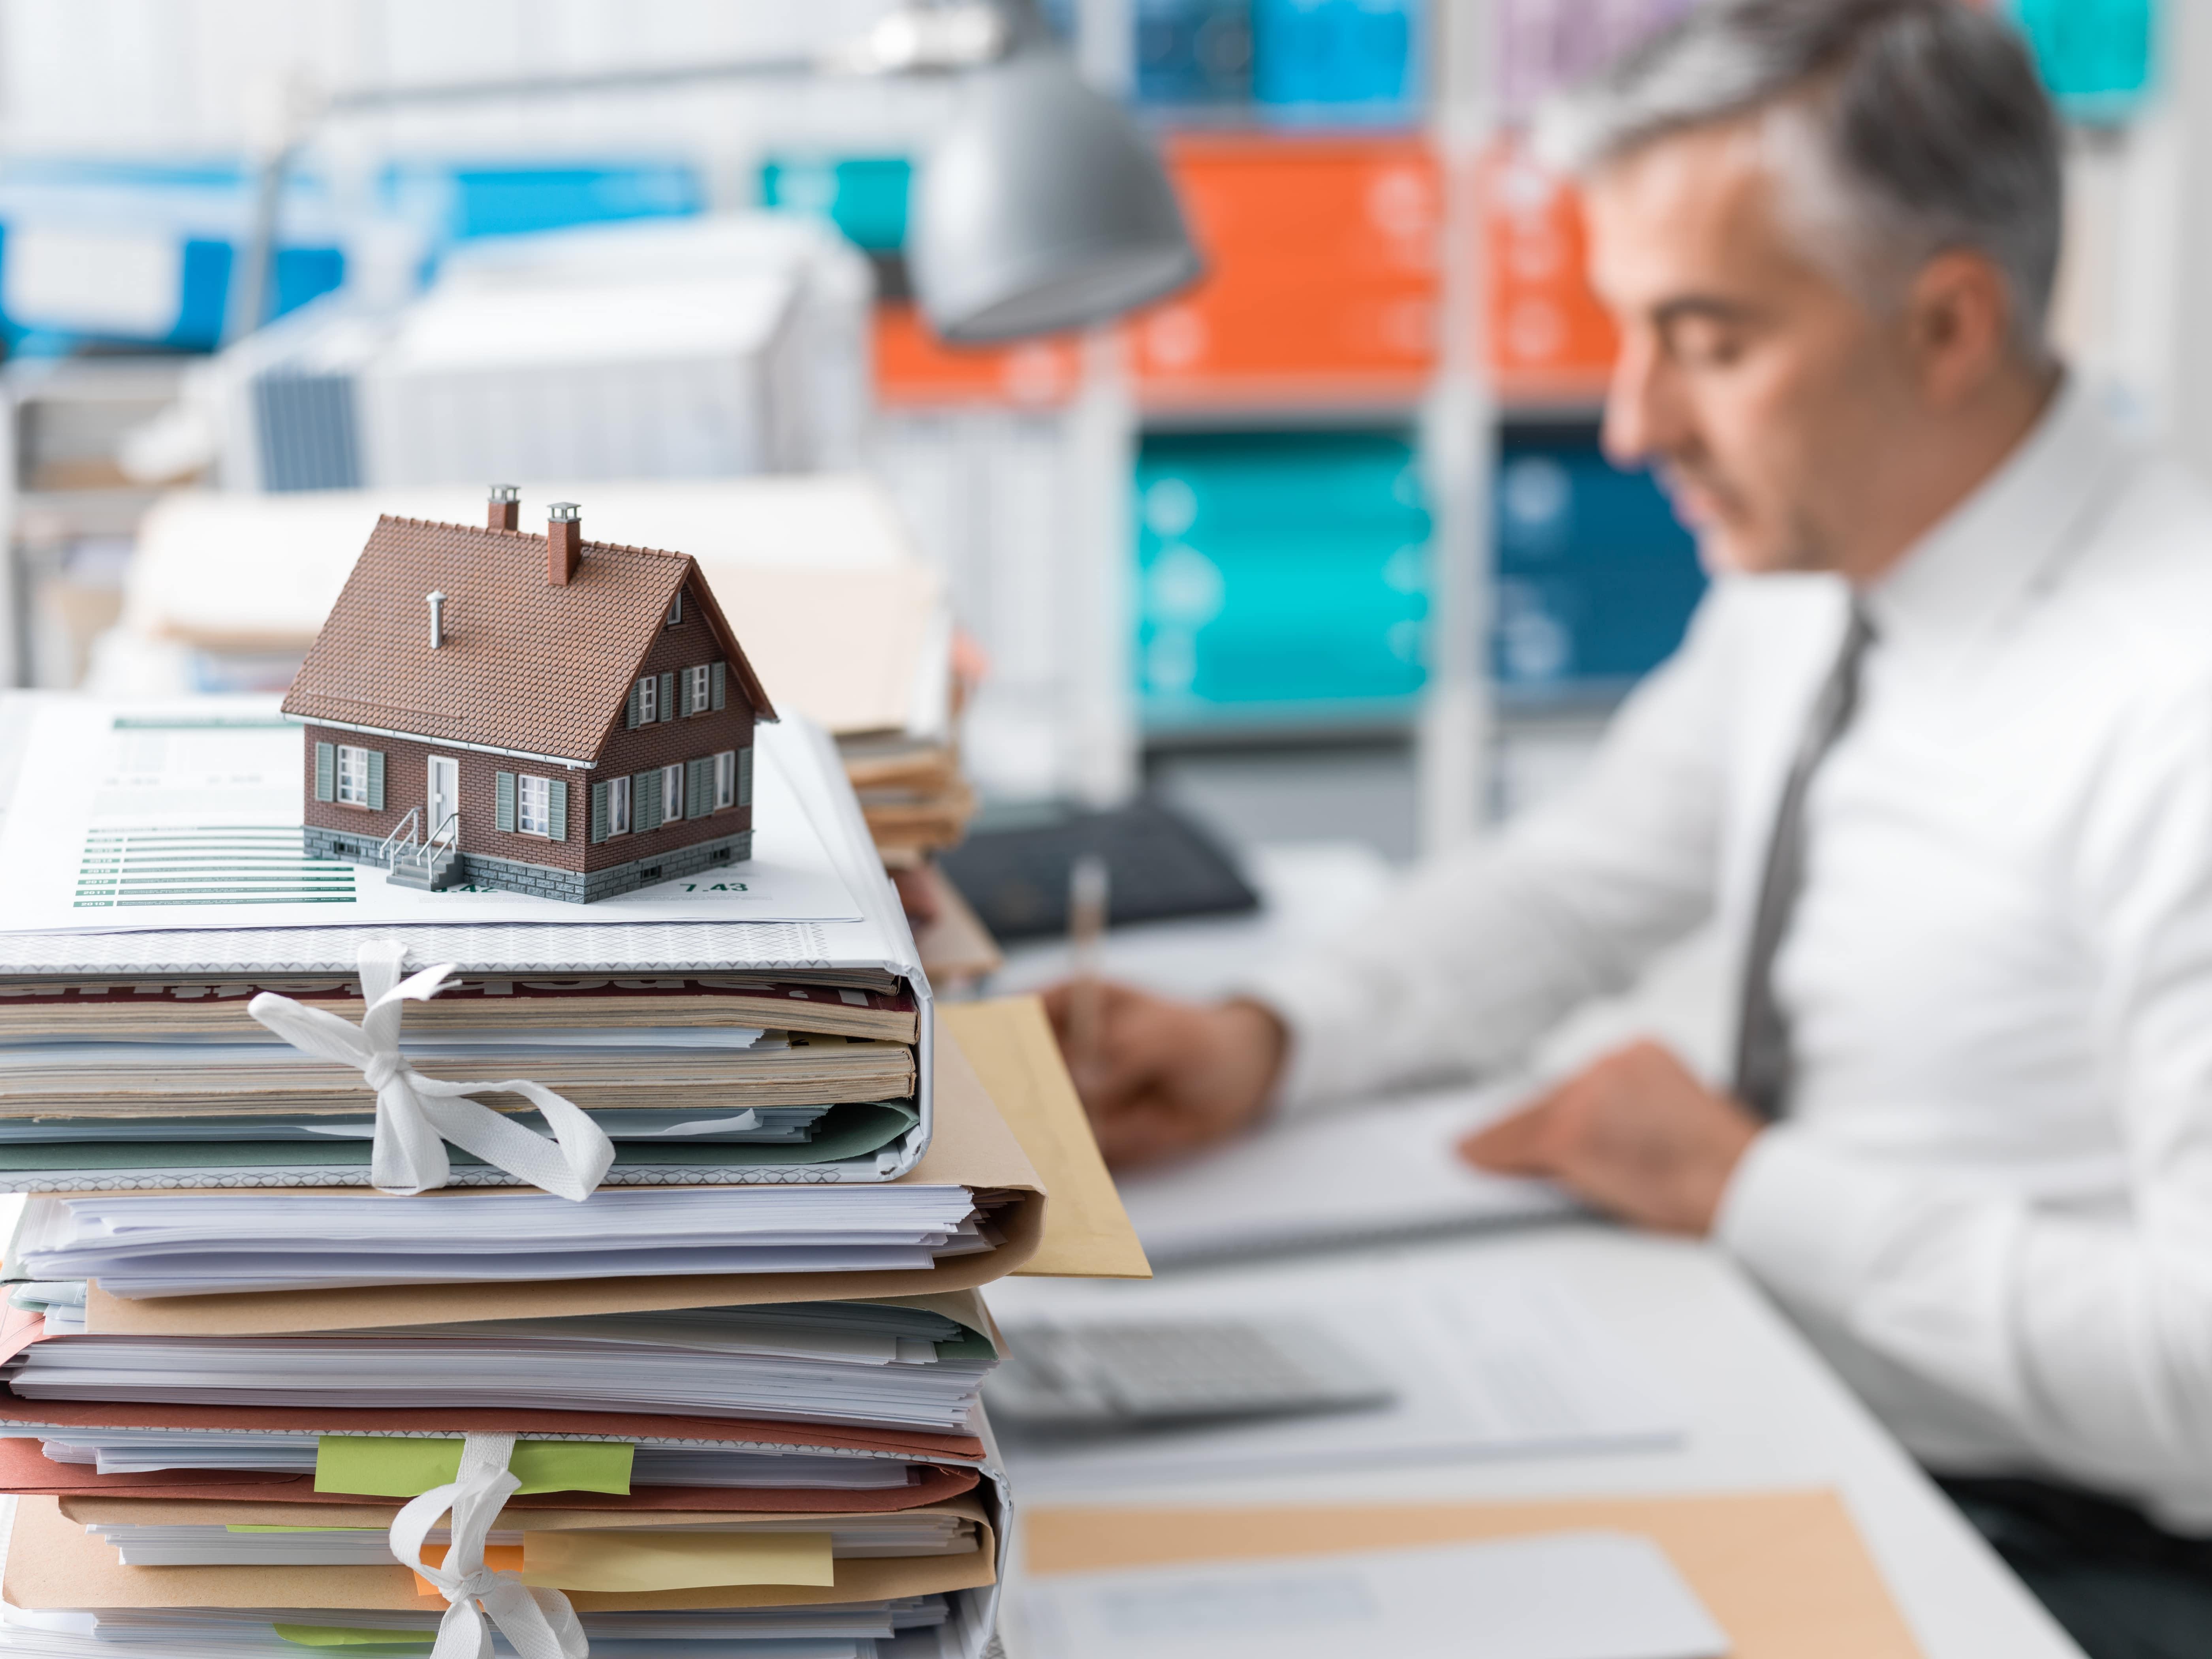 Кредиты на покупку недвижимости за рубежом дубай агентство недвижимости